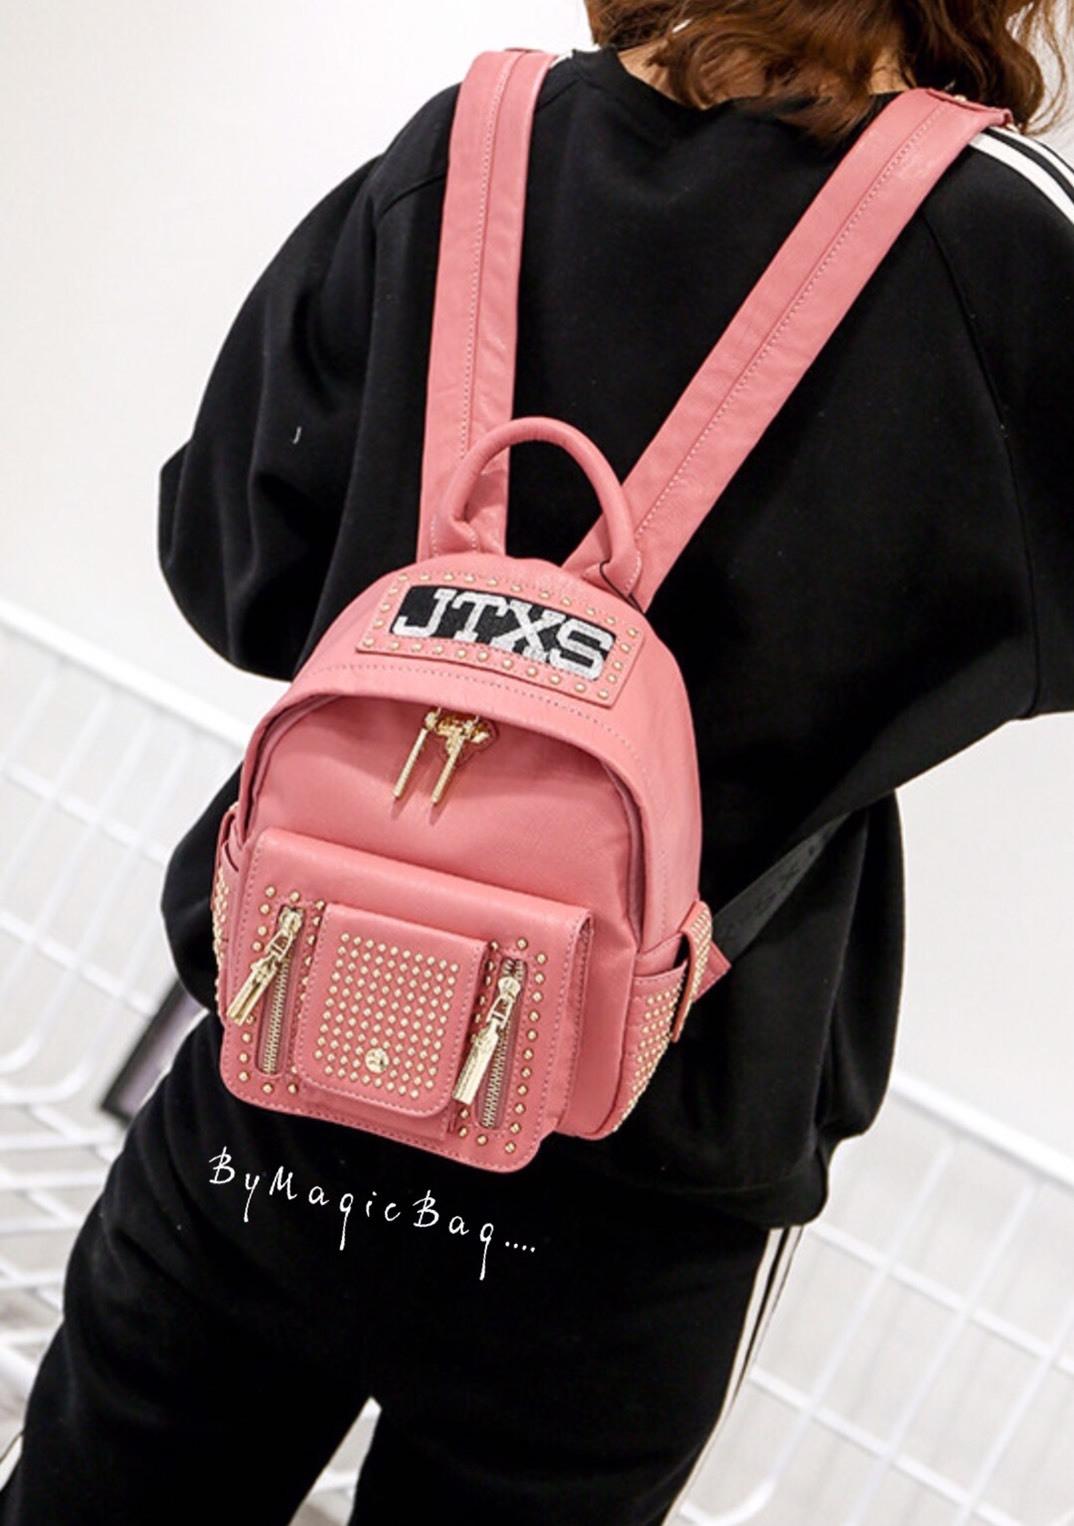 กระเป๋าเป้ Size M สีชมพู JTXS Backpack bag D.I.Y Denim Jeans spring summer high quality mead in Hong Kong 2017...งานแท้นะคะ